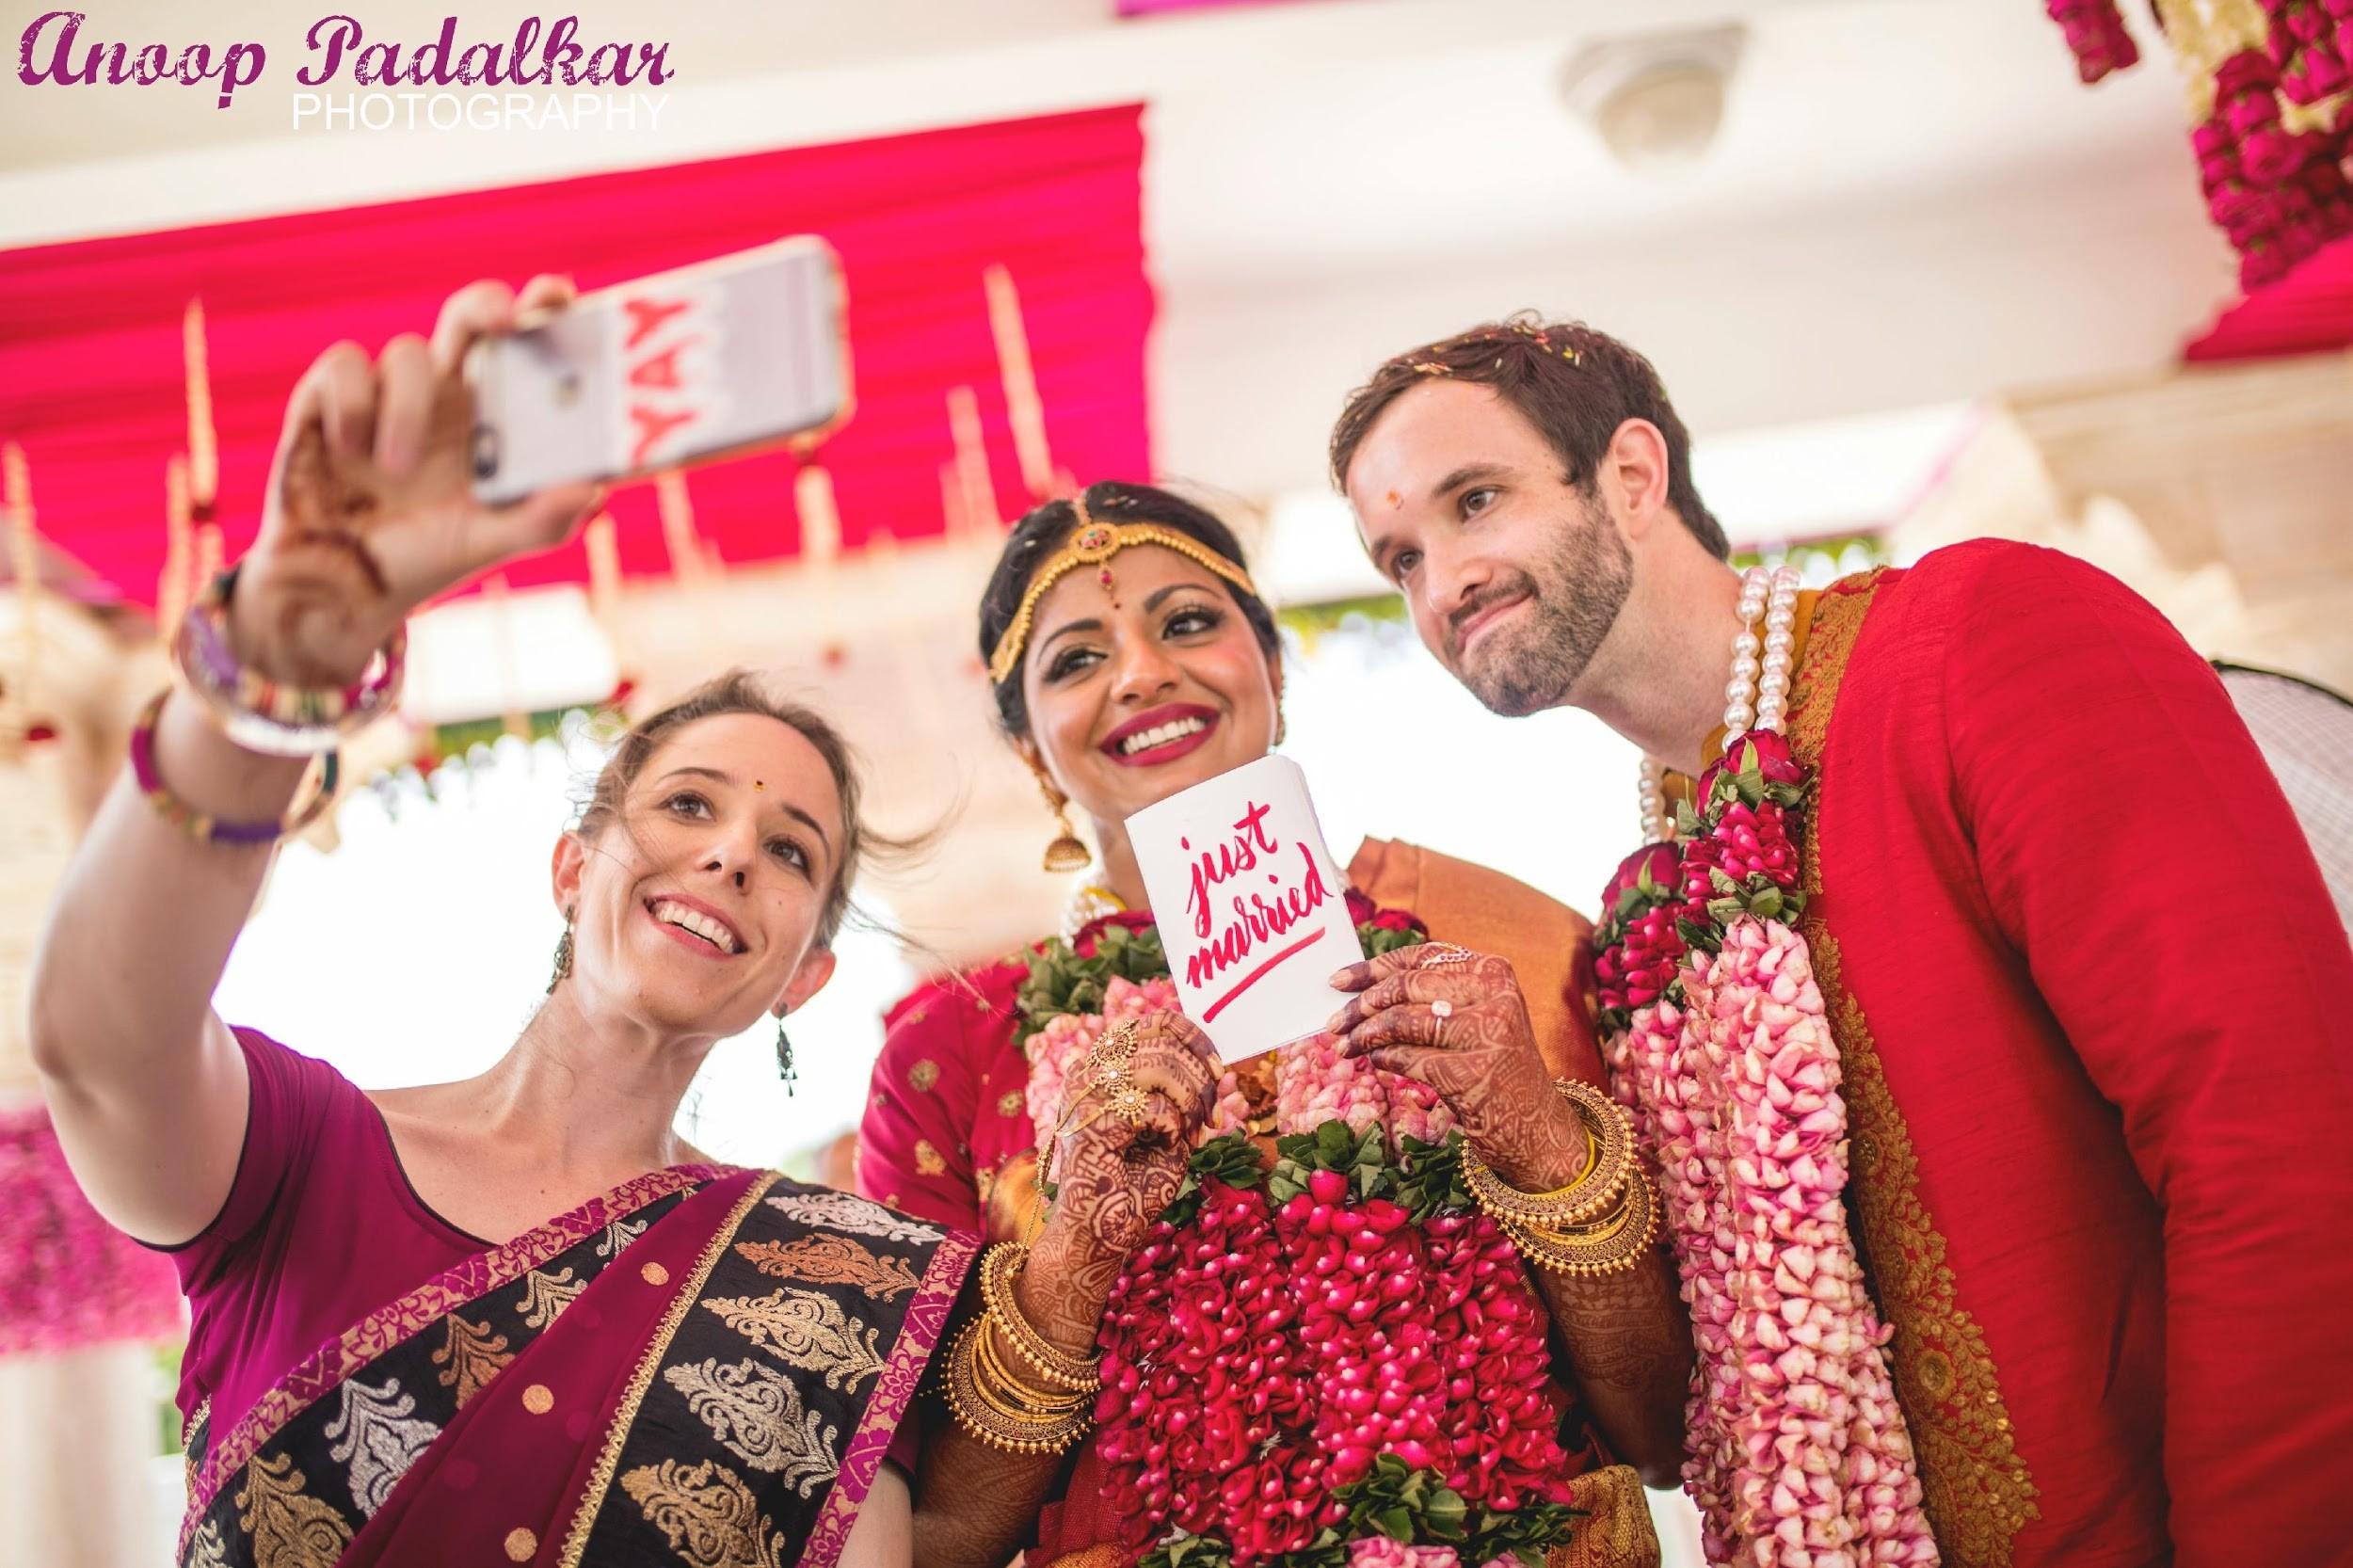 Enjoy your iIndian wedding experience